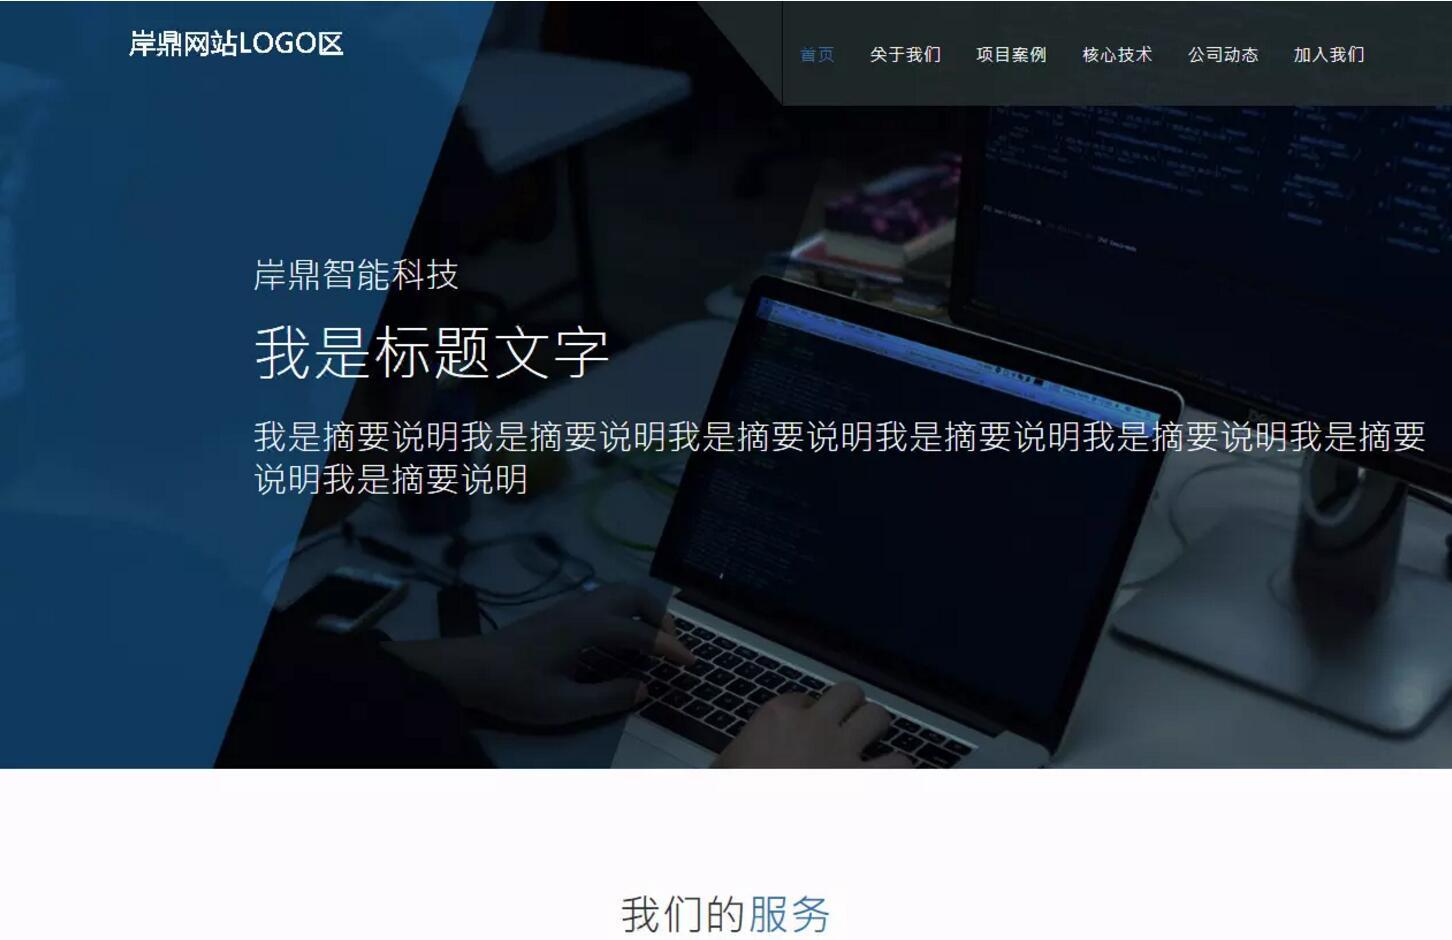 【服装服饰】网站定制开发企业网站官网设计模板网站仿站响应式